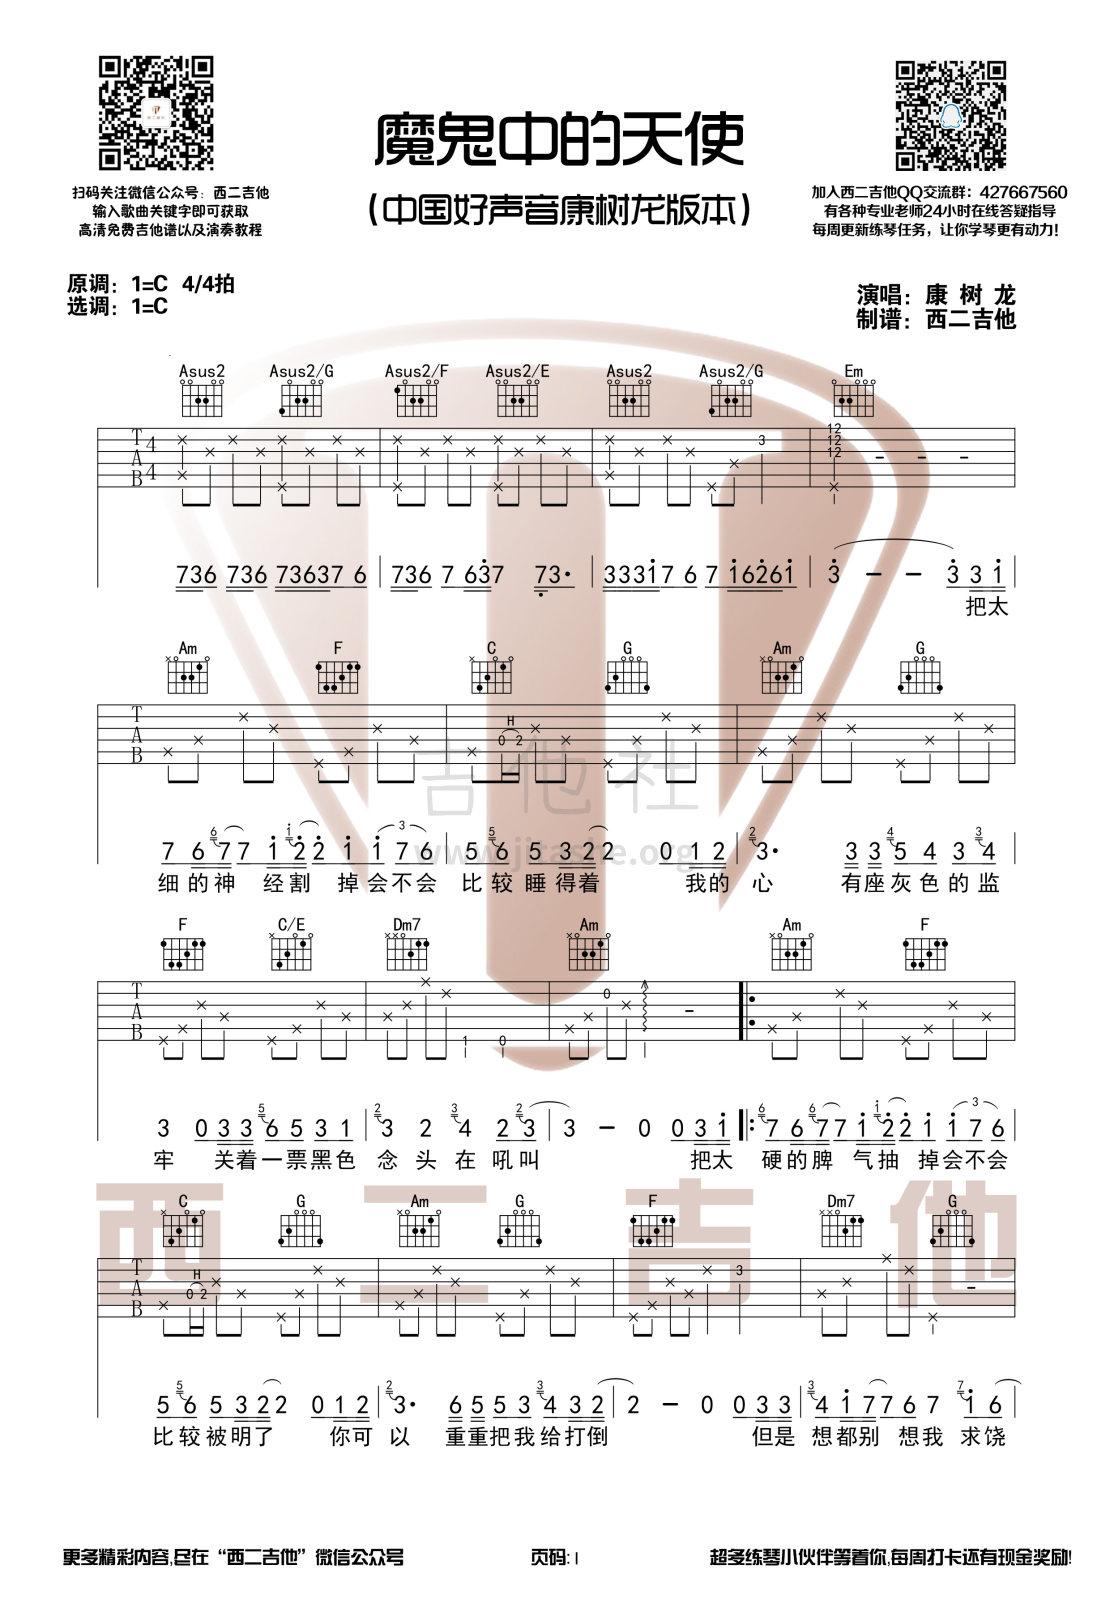 魔鬼中的天使(好声音康树龙版本C调和弦)【西二吉他】吉他谱(图片谱,西二吉他,中国好声音,弹唱)_康树龙_魔鬼中的天使1.jpg